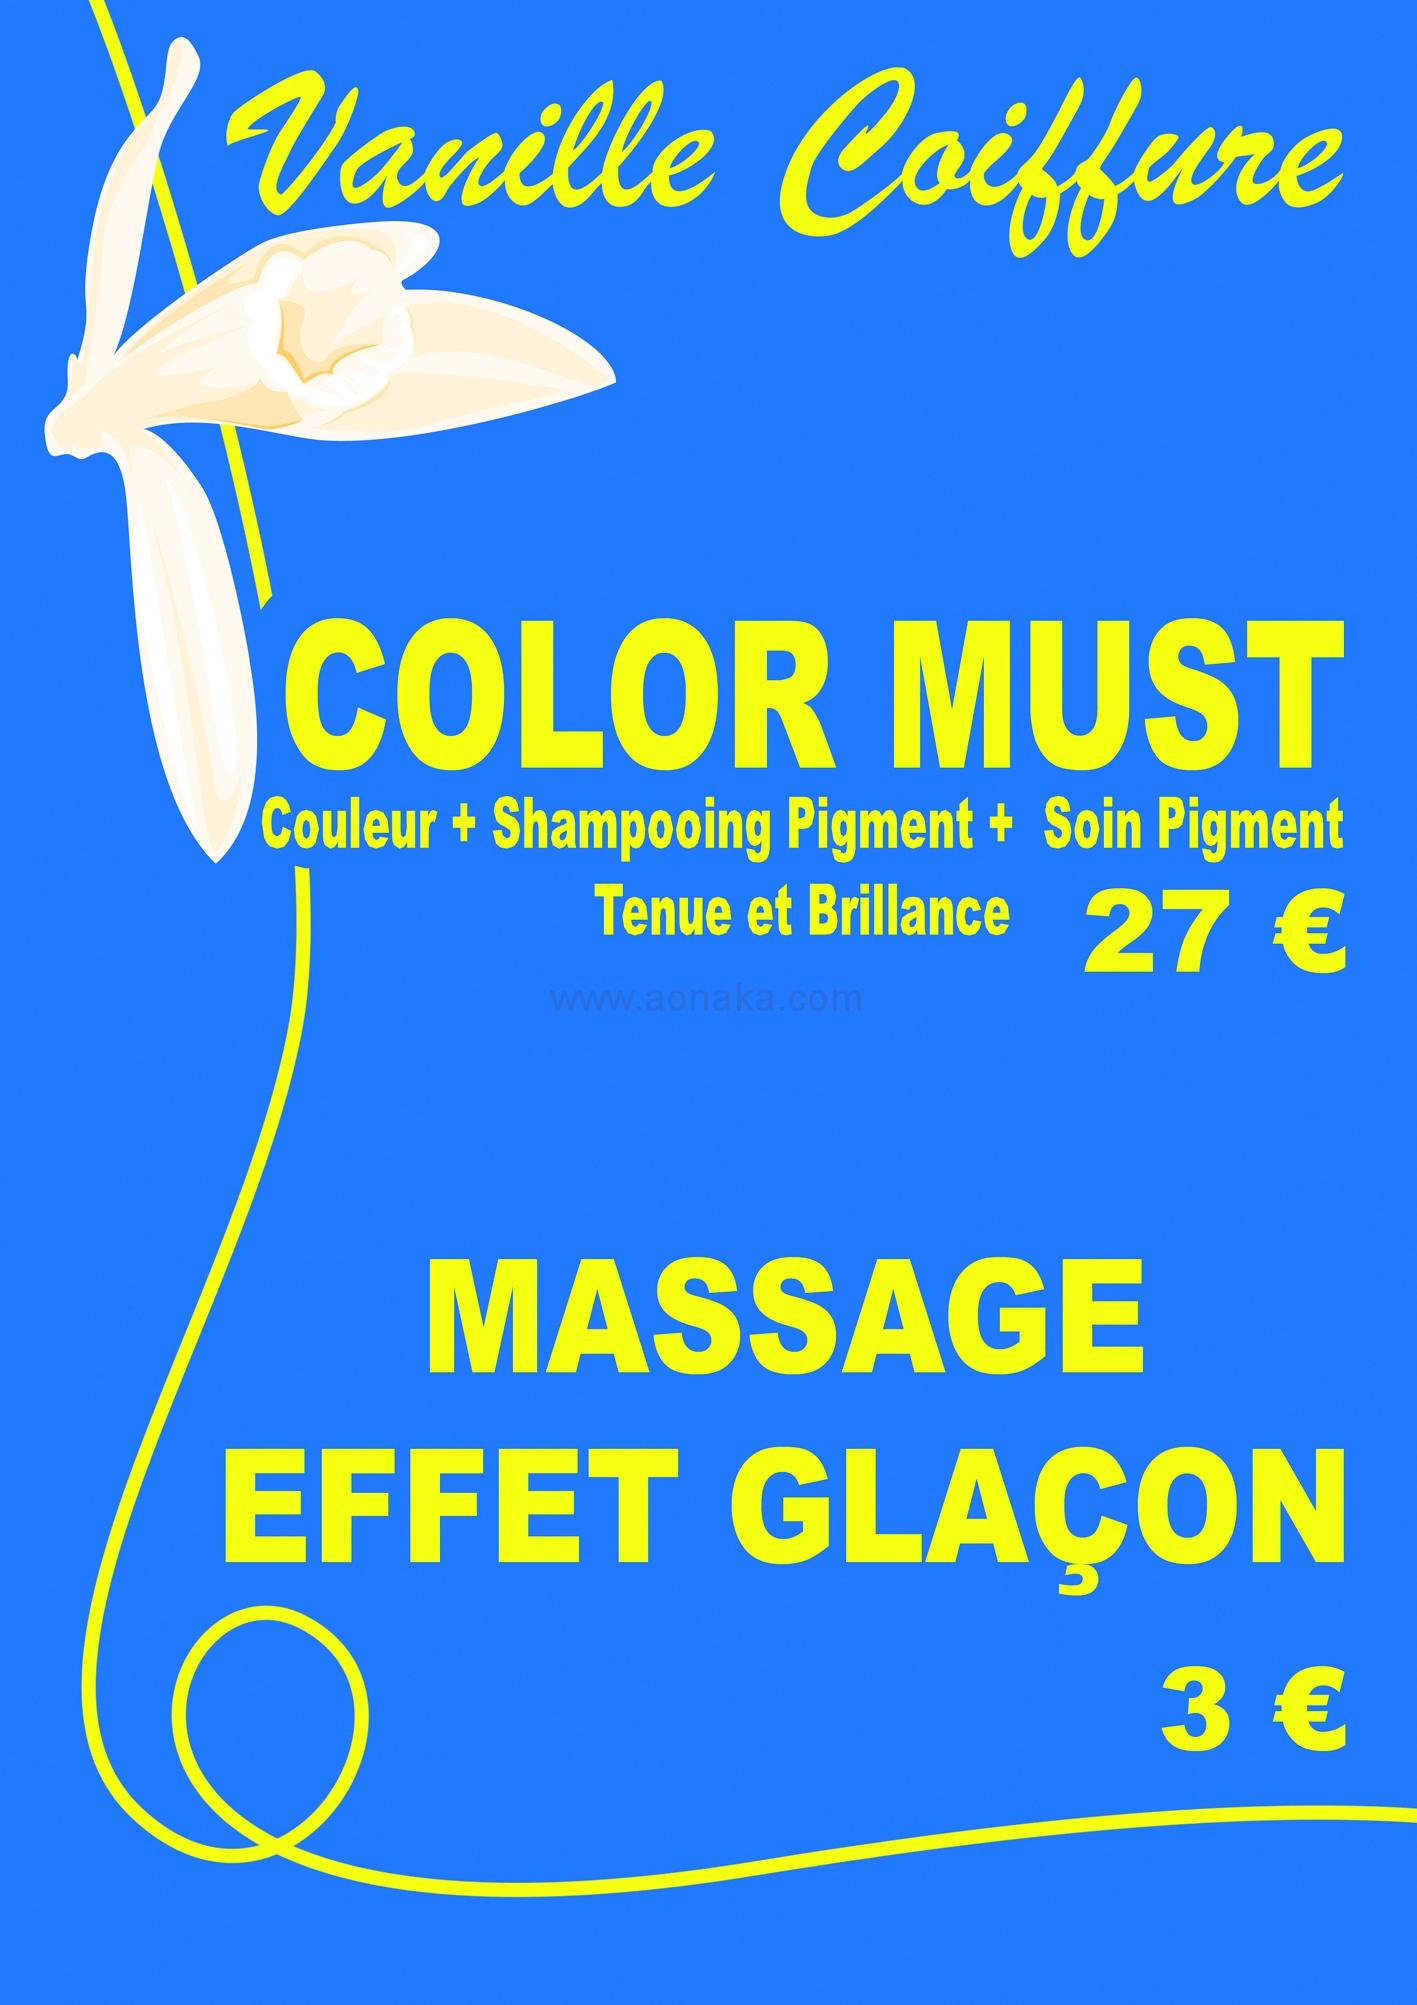 ColorMust et massage.jpg